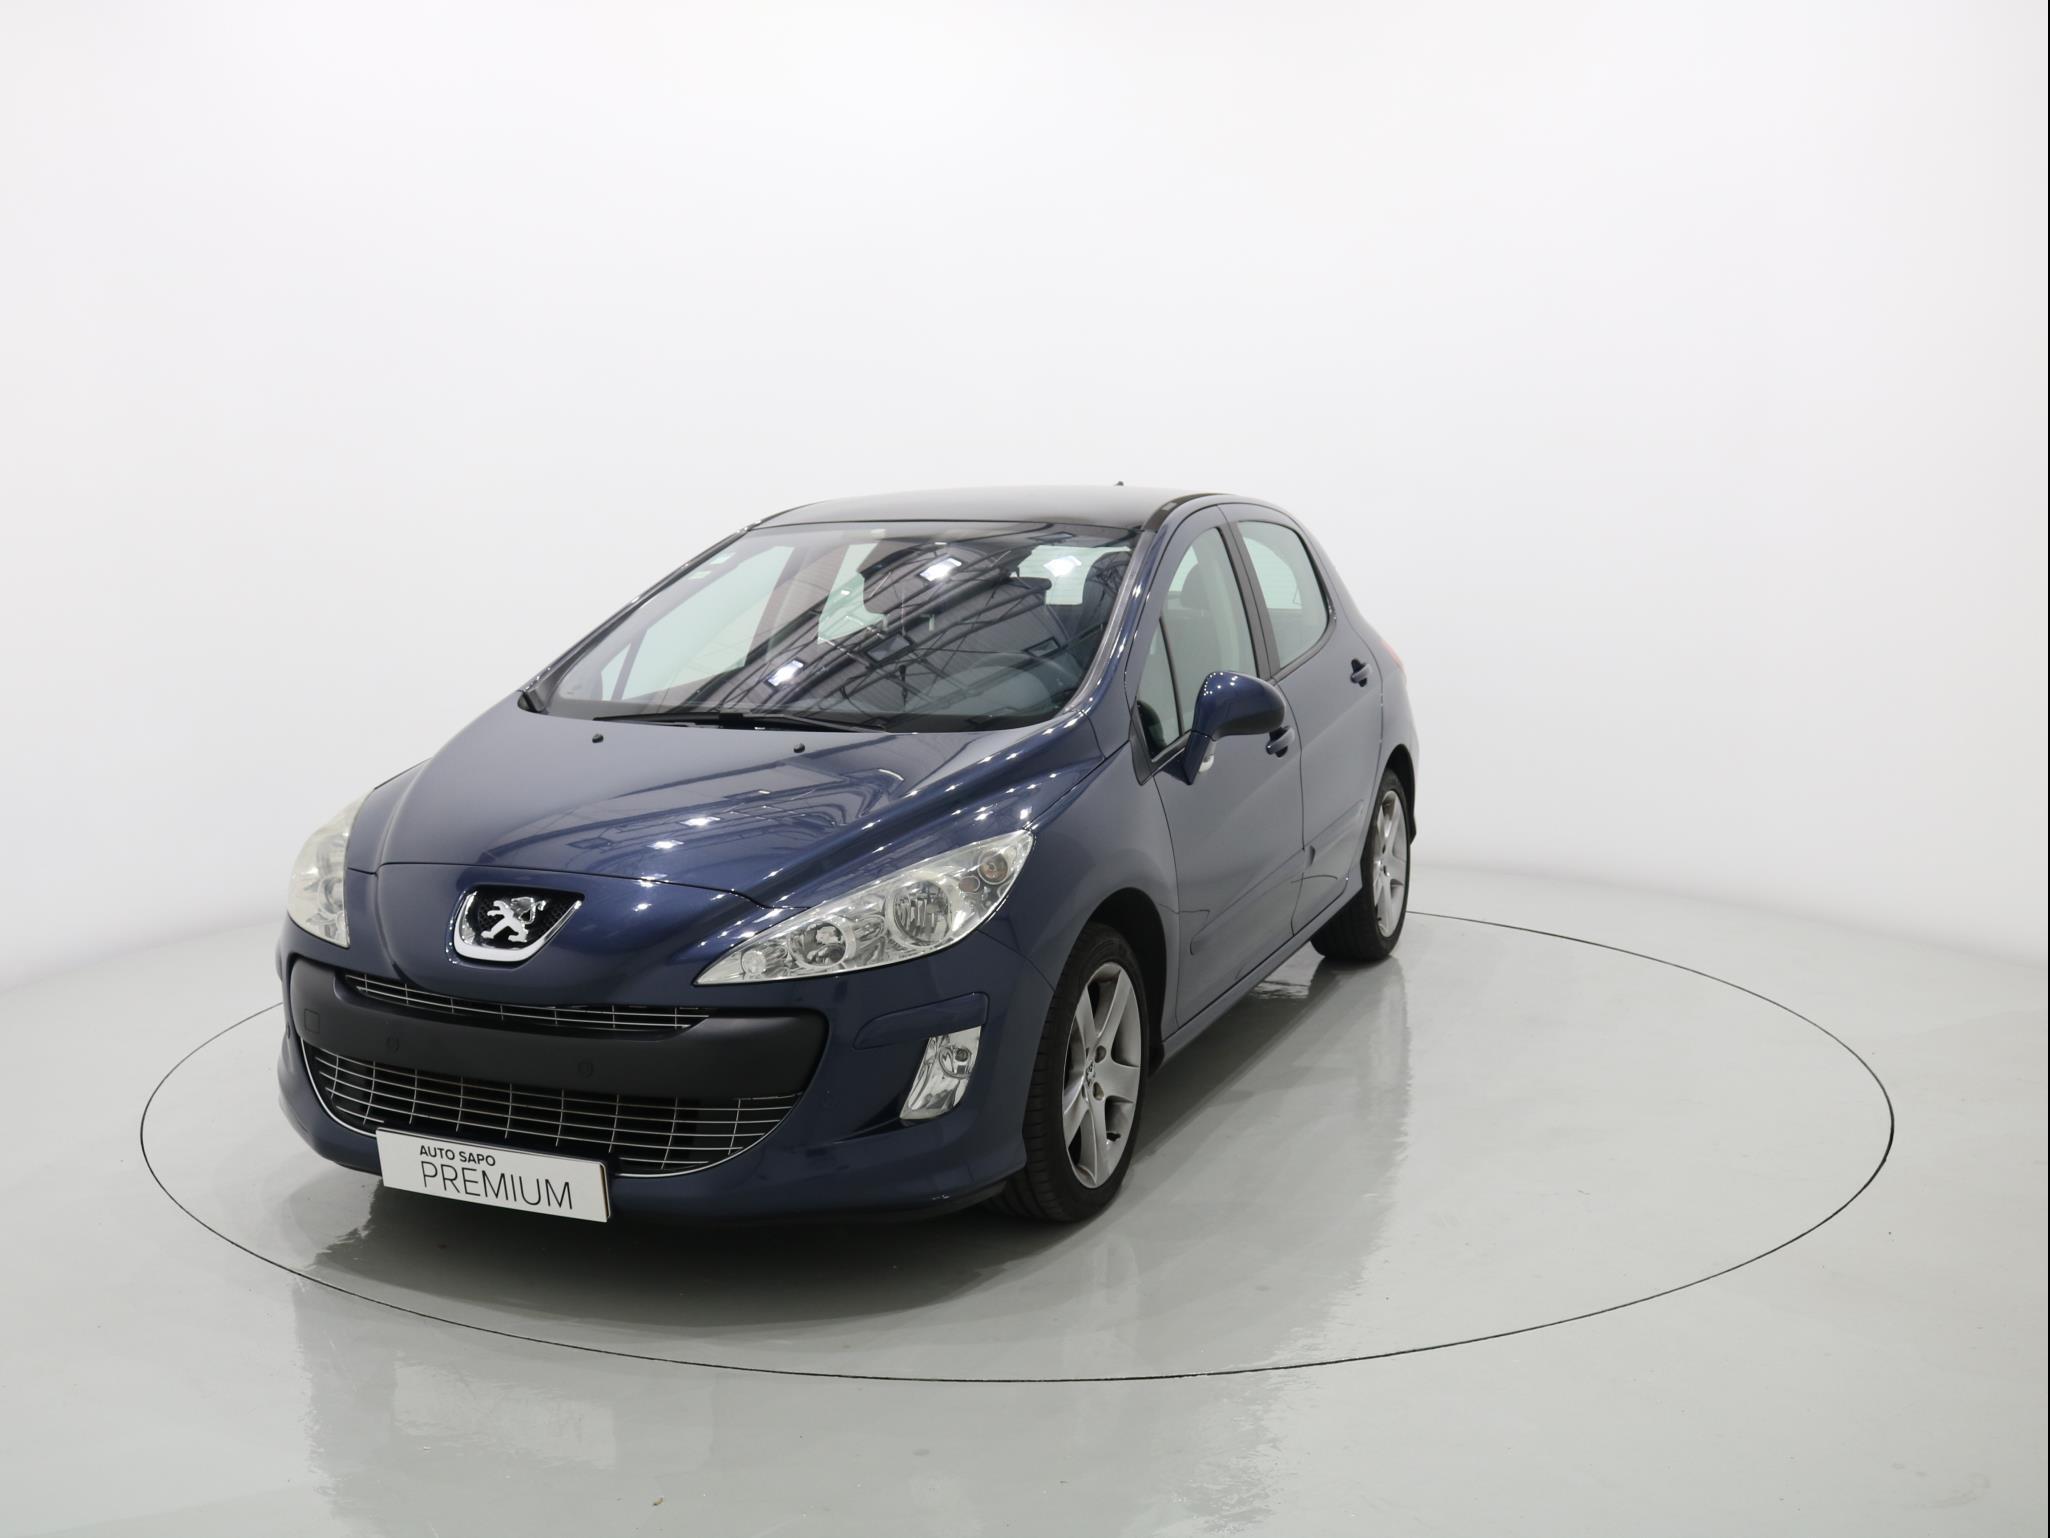 Peugeot 308 1.6 HDi Sport CMP6 (110cv) (5p) (2007 a 2011)